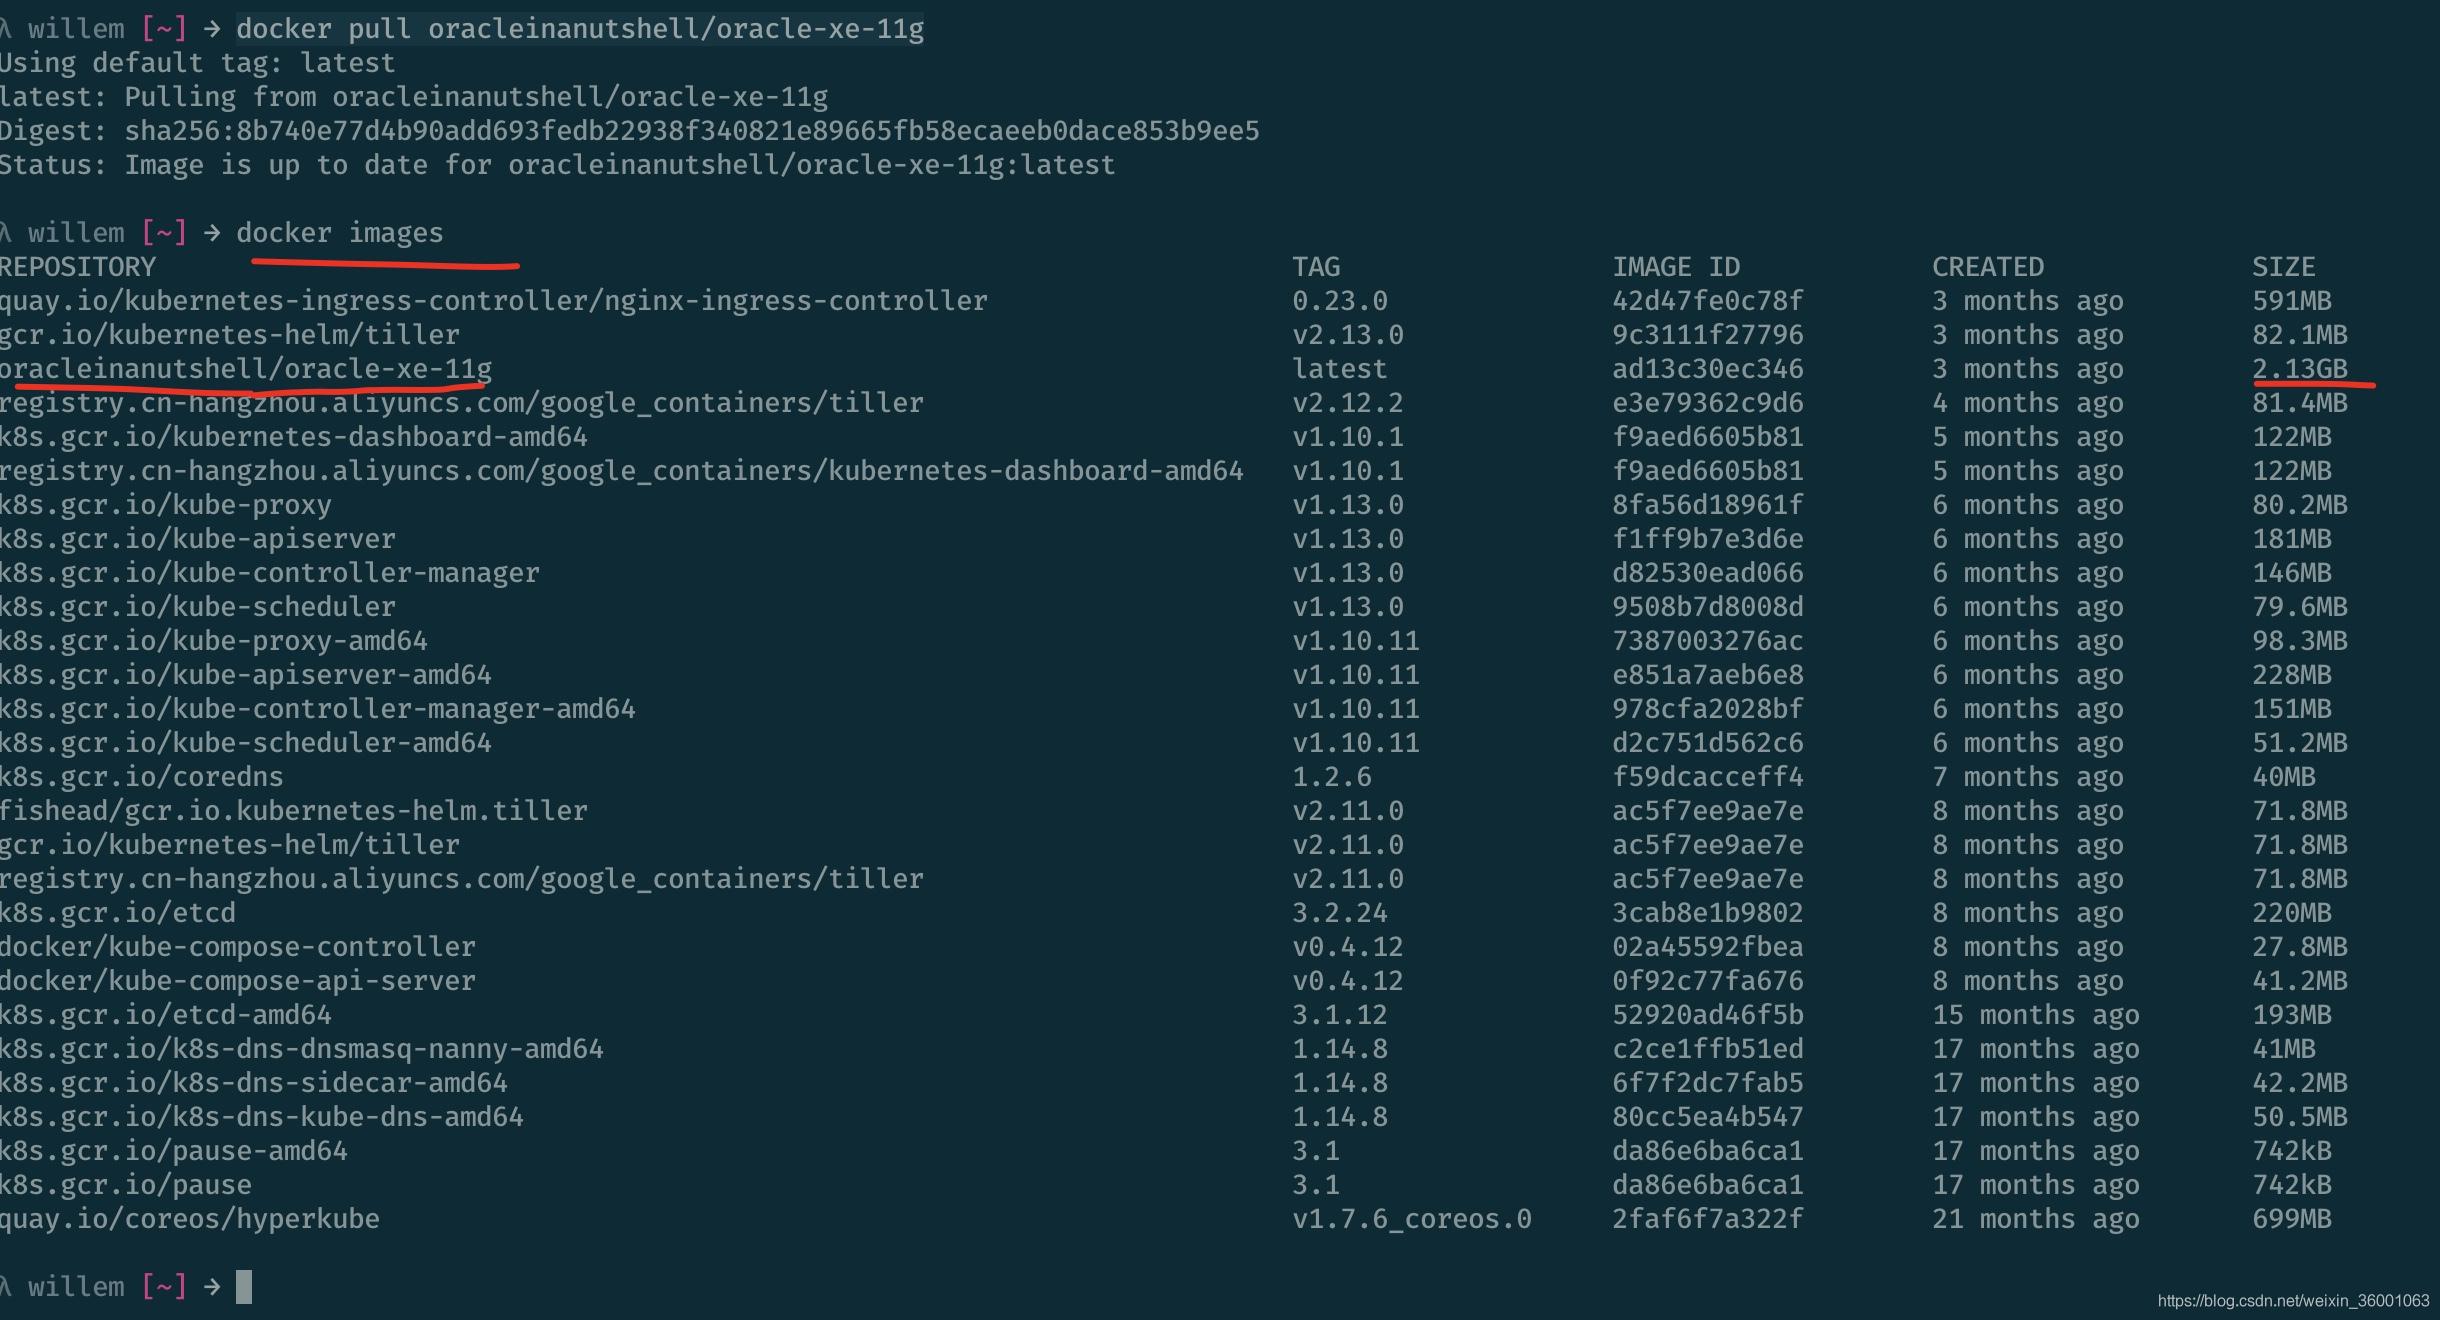 MacOS下使用docker安装oracle-xe-11g - 苏木力格的博客- CSDN博客